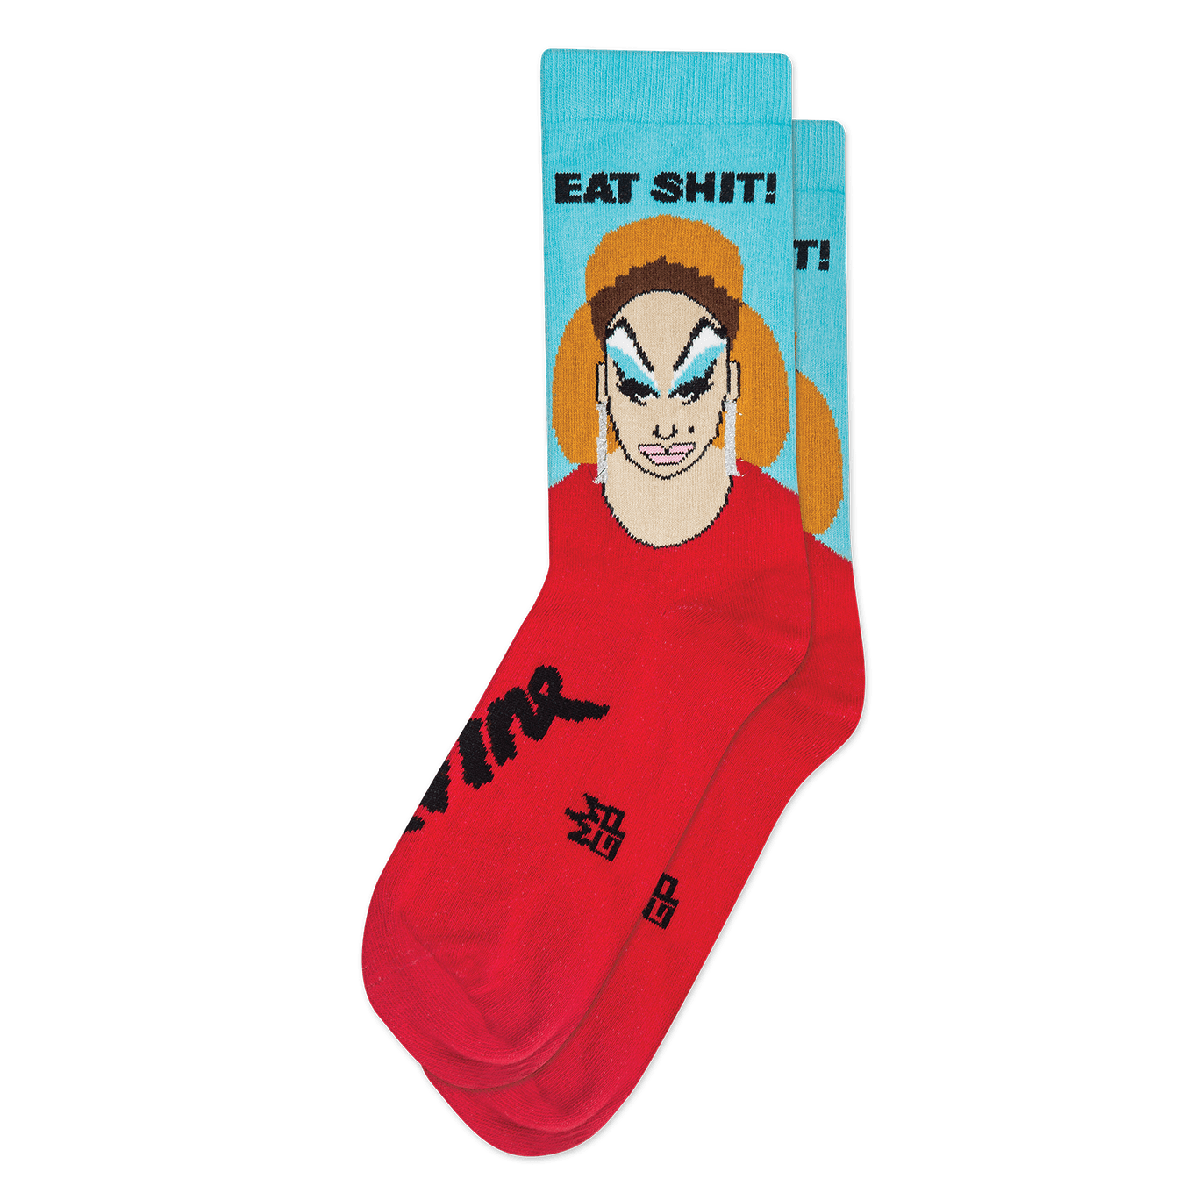 Eat Shit! Divine Socks